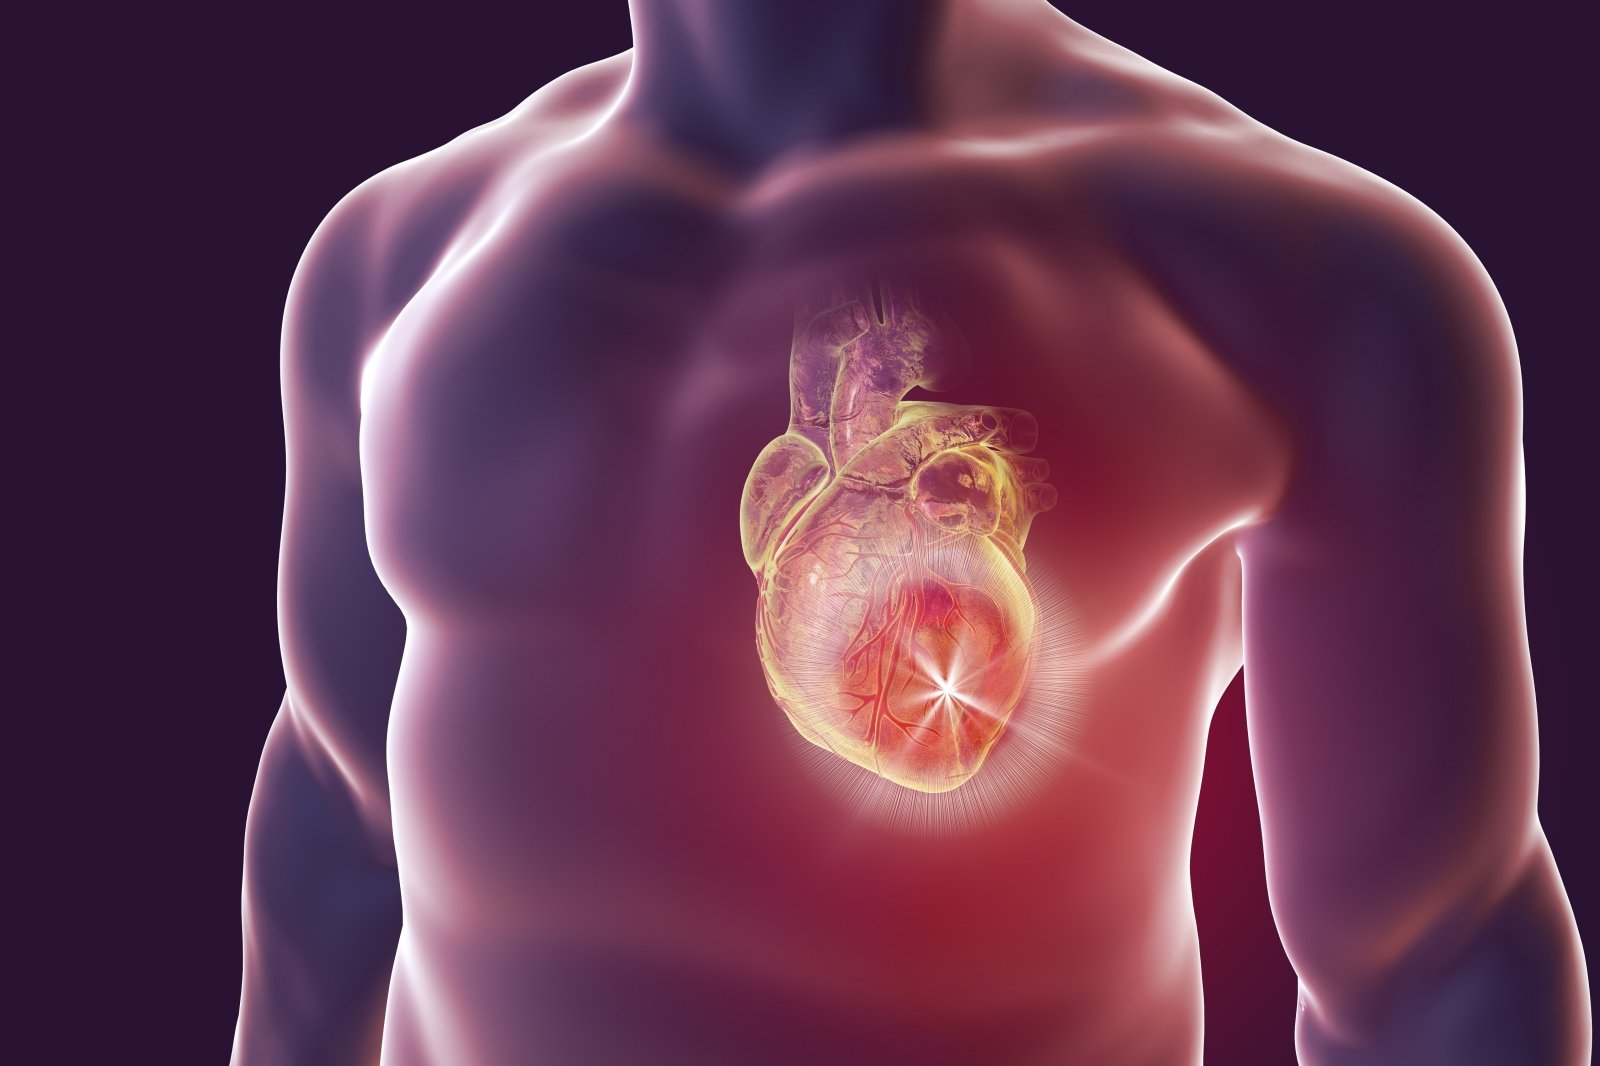 šiaurinė hipertenzija